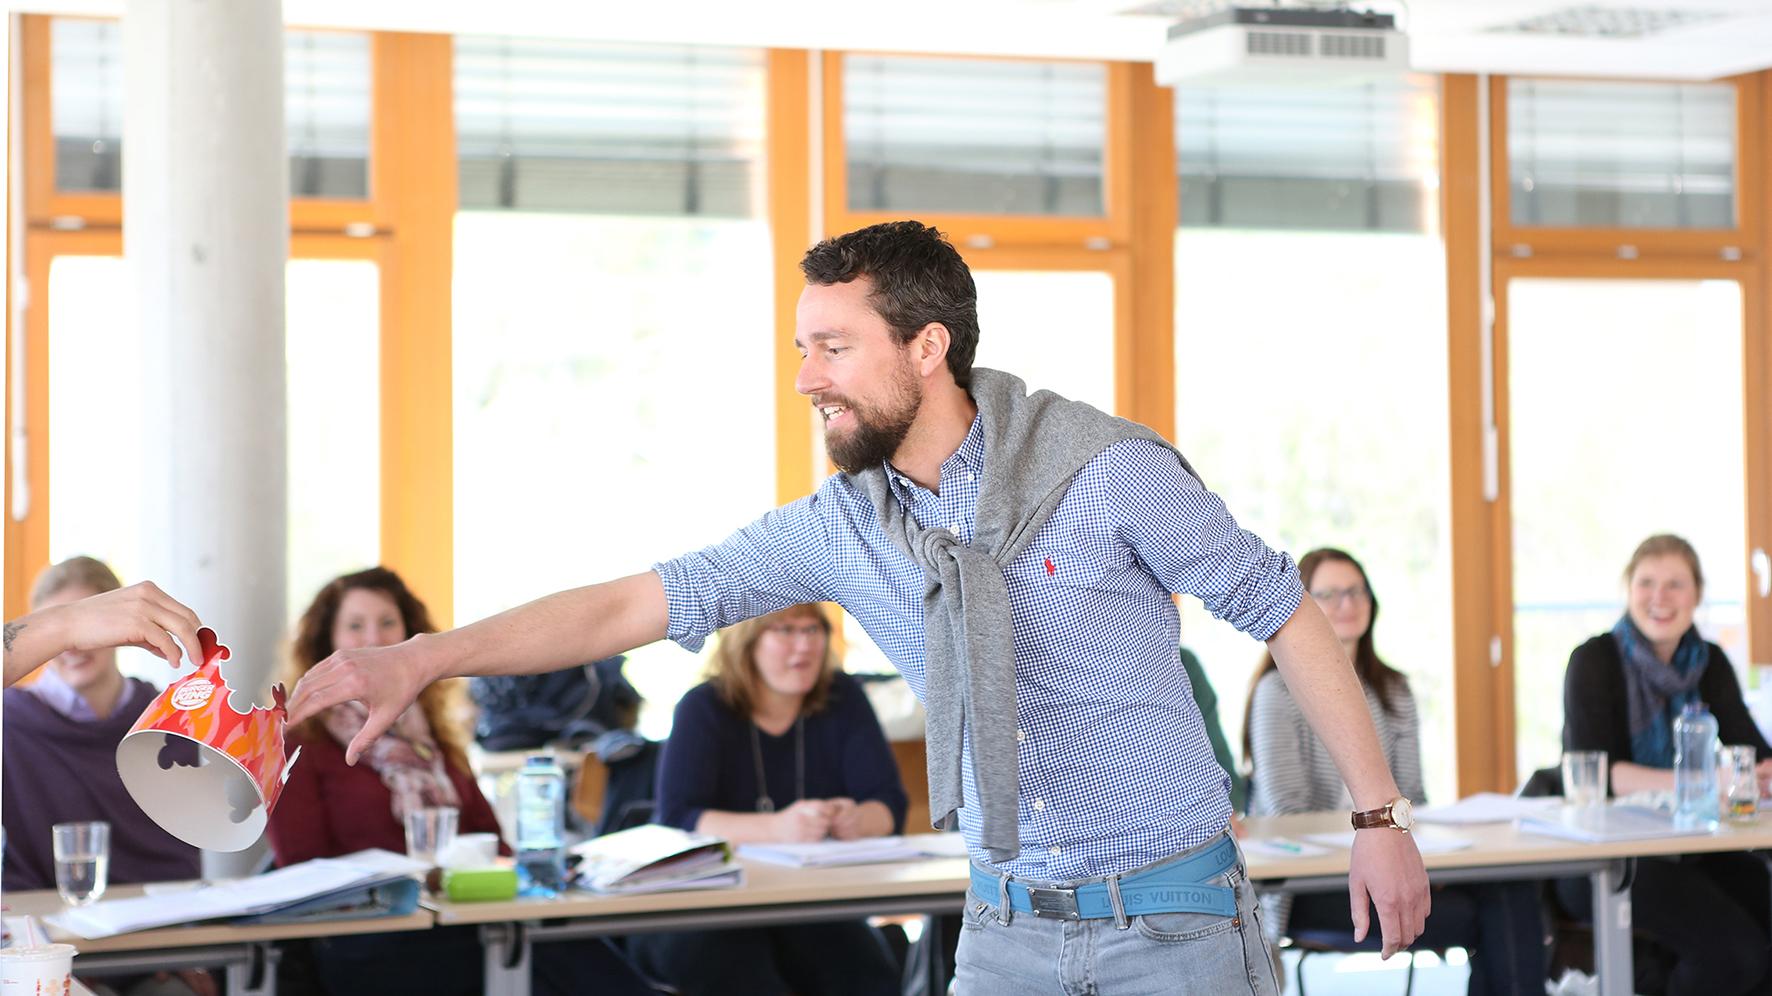 Veranstaltung im weiterbildenden Masterstudiengang Beratung, Mediation, Coaching